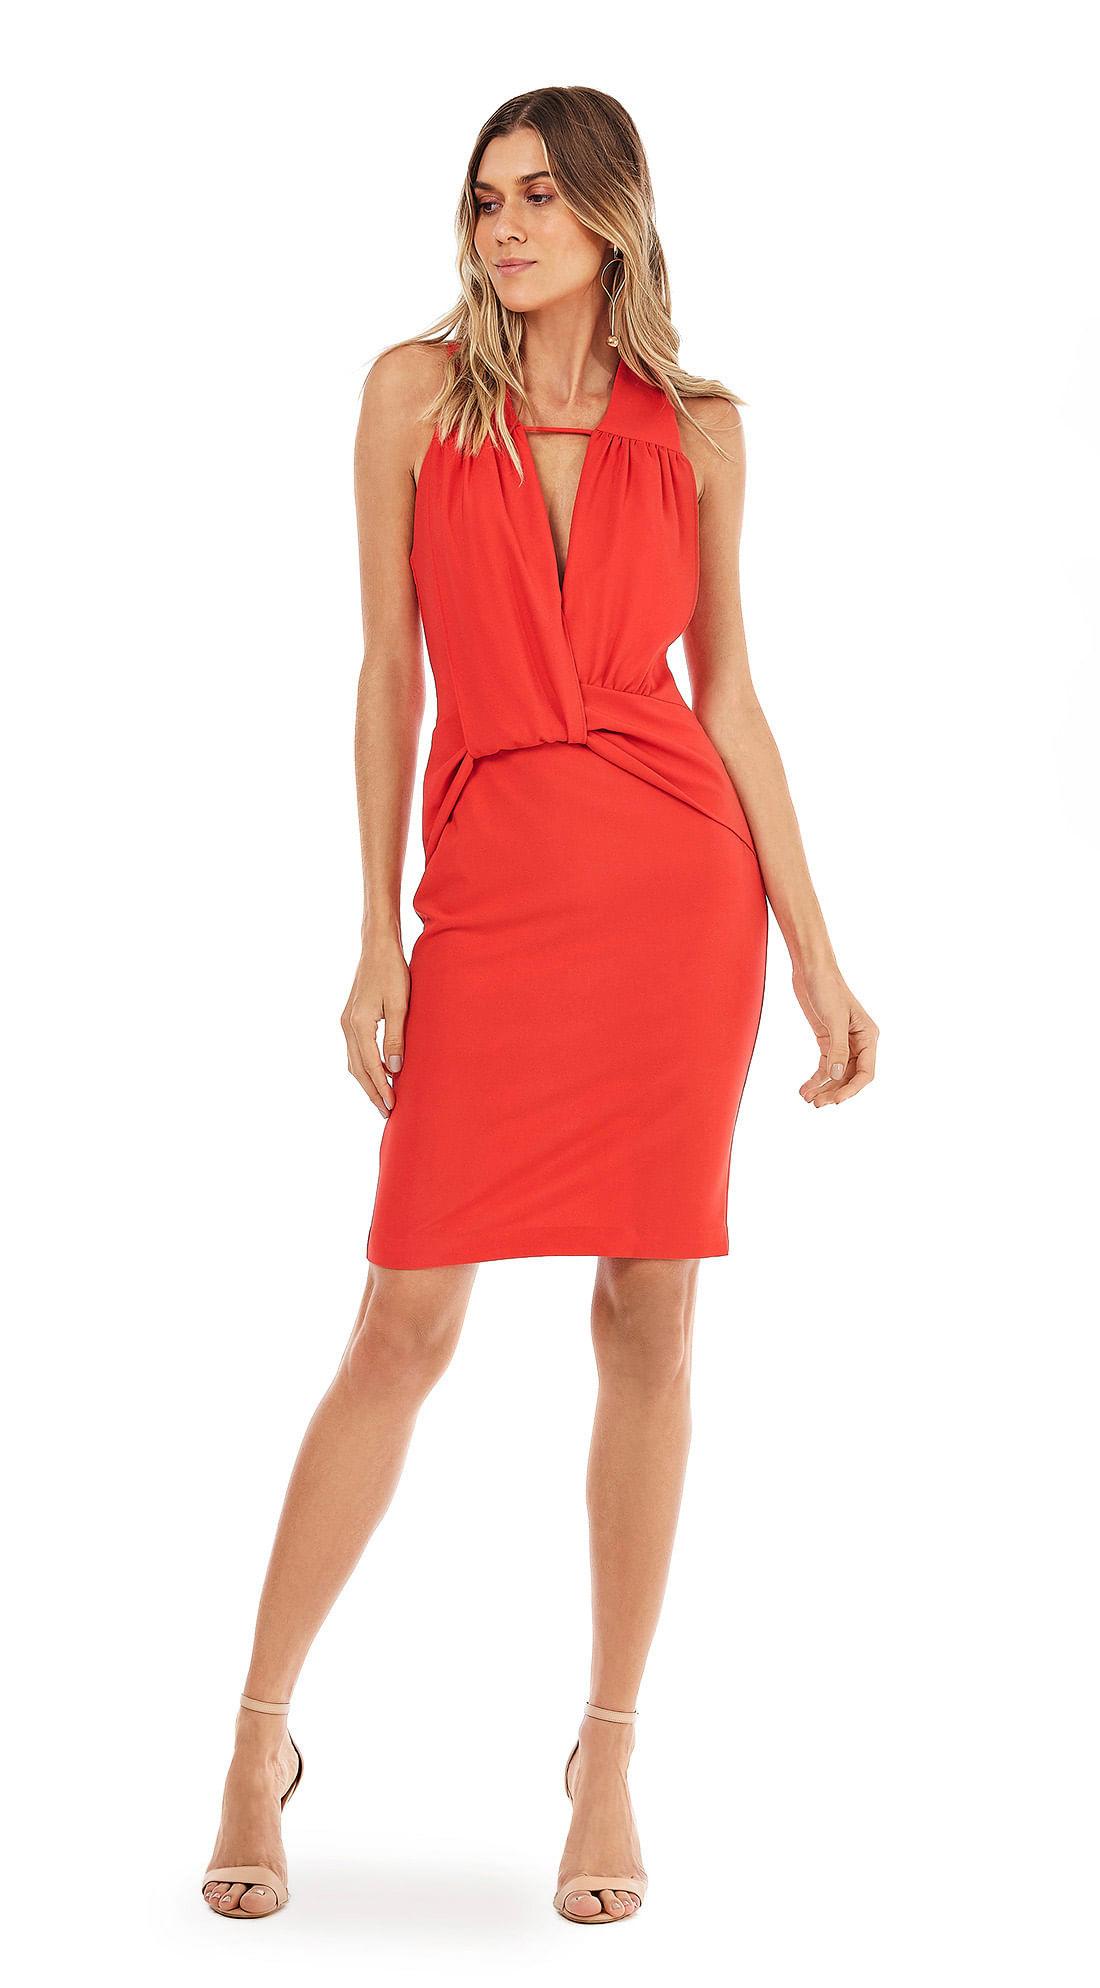 f386cc39fe Vestido Curto Decote V Basico Vermelho - morenarosa